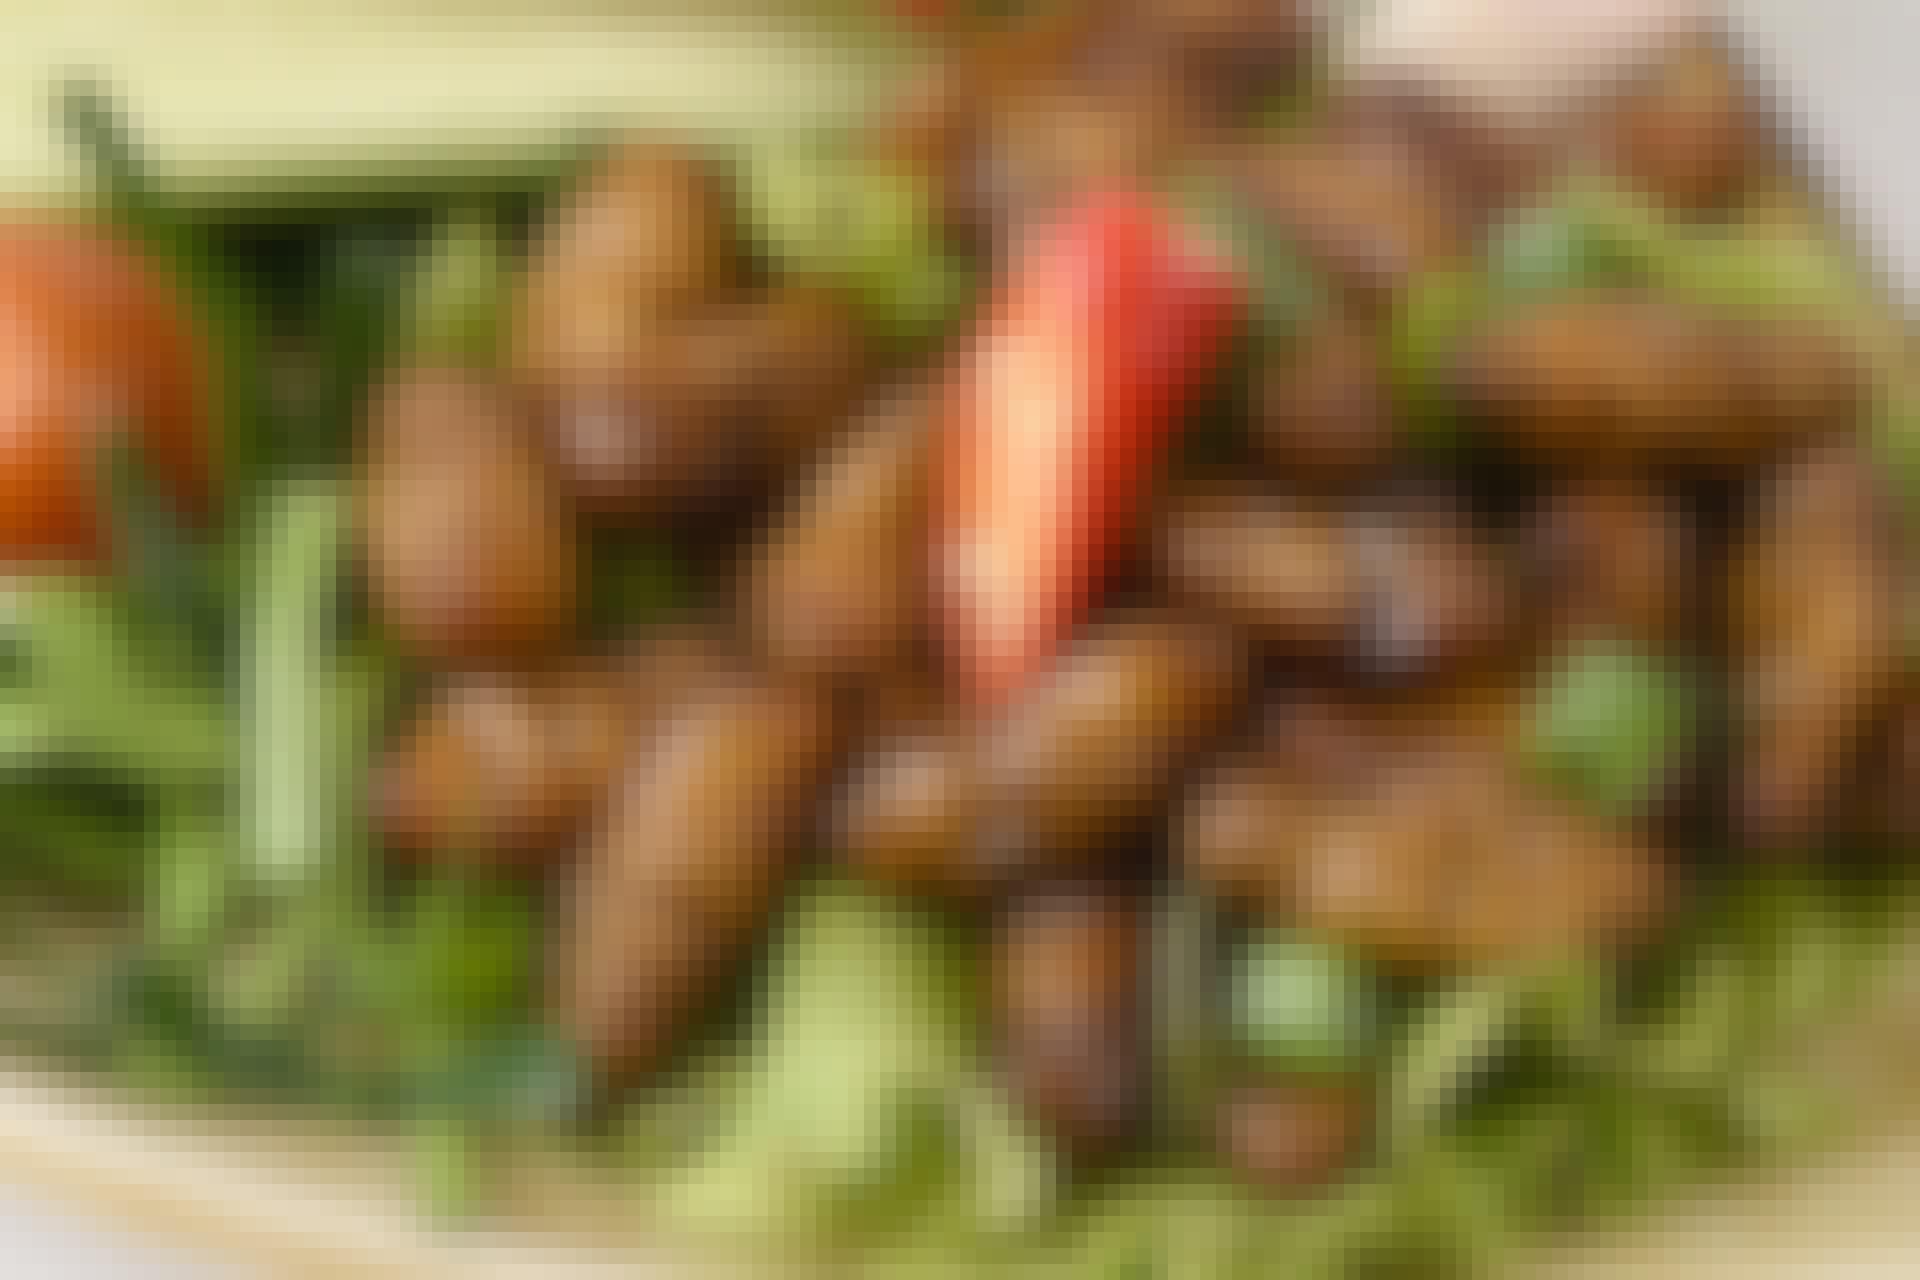 Insekter som mad - FN godkender kryb i kostpyramiden